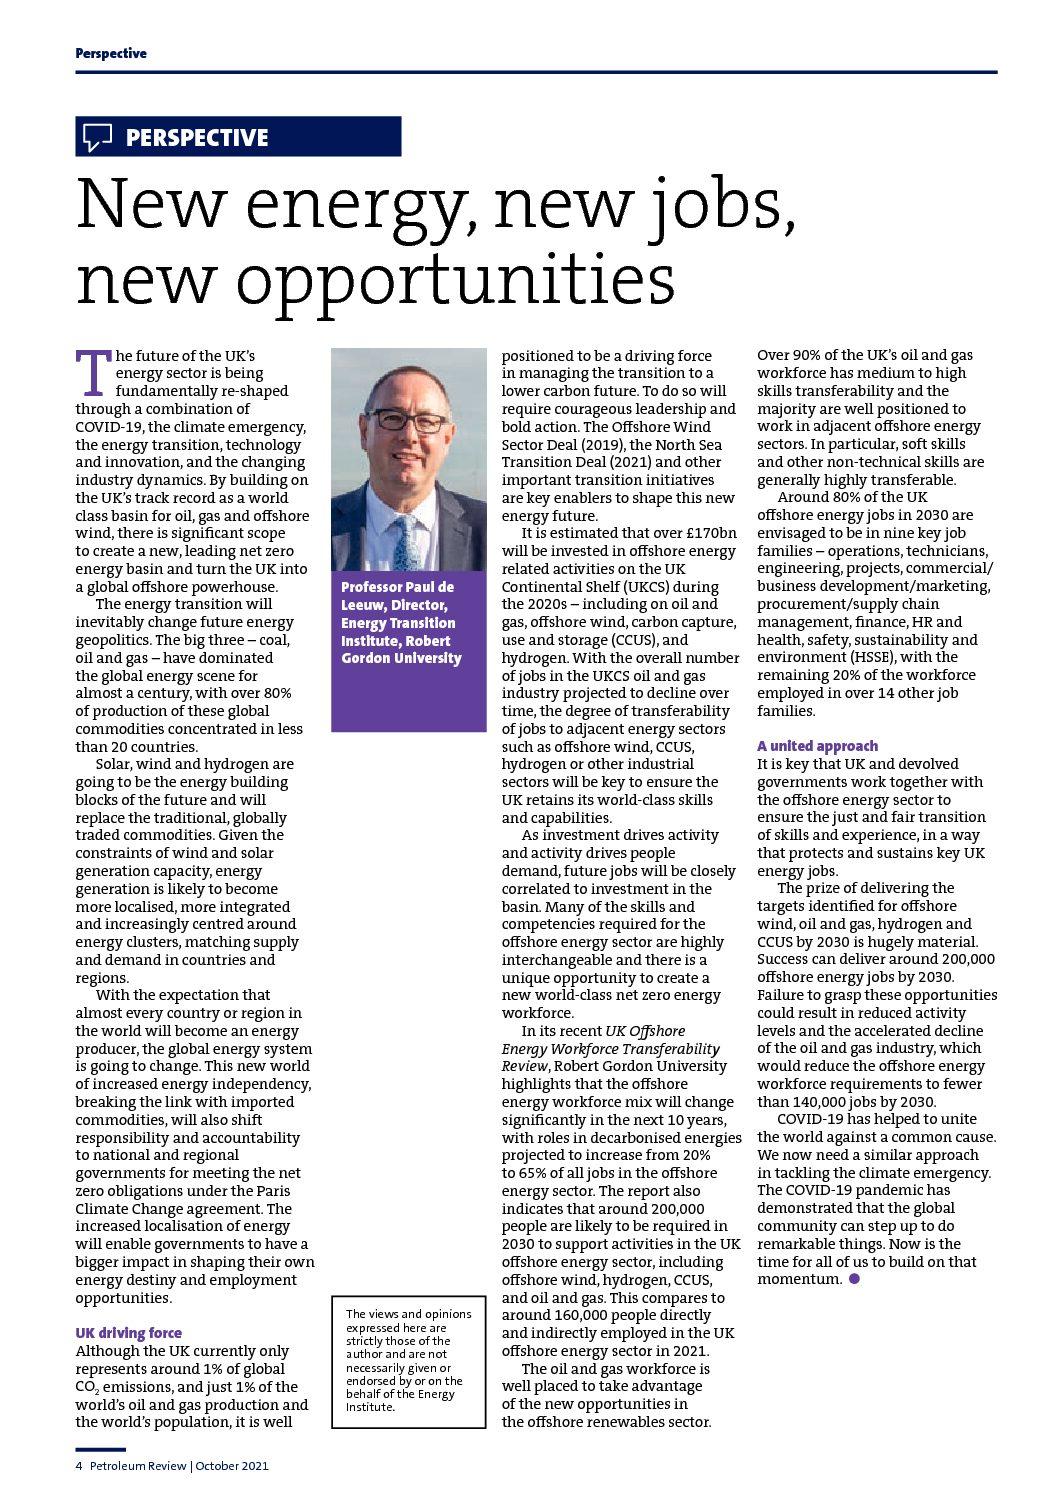 New energy, new jobs, new opportunites